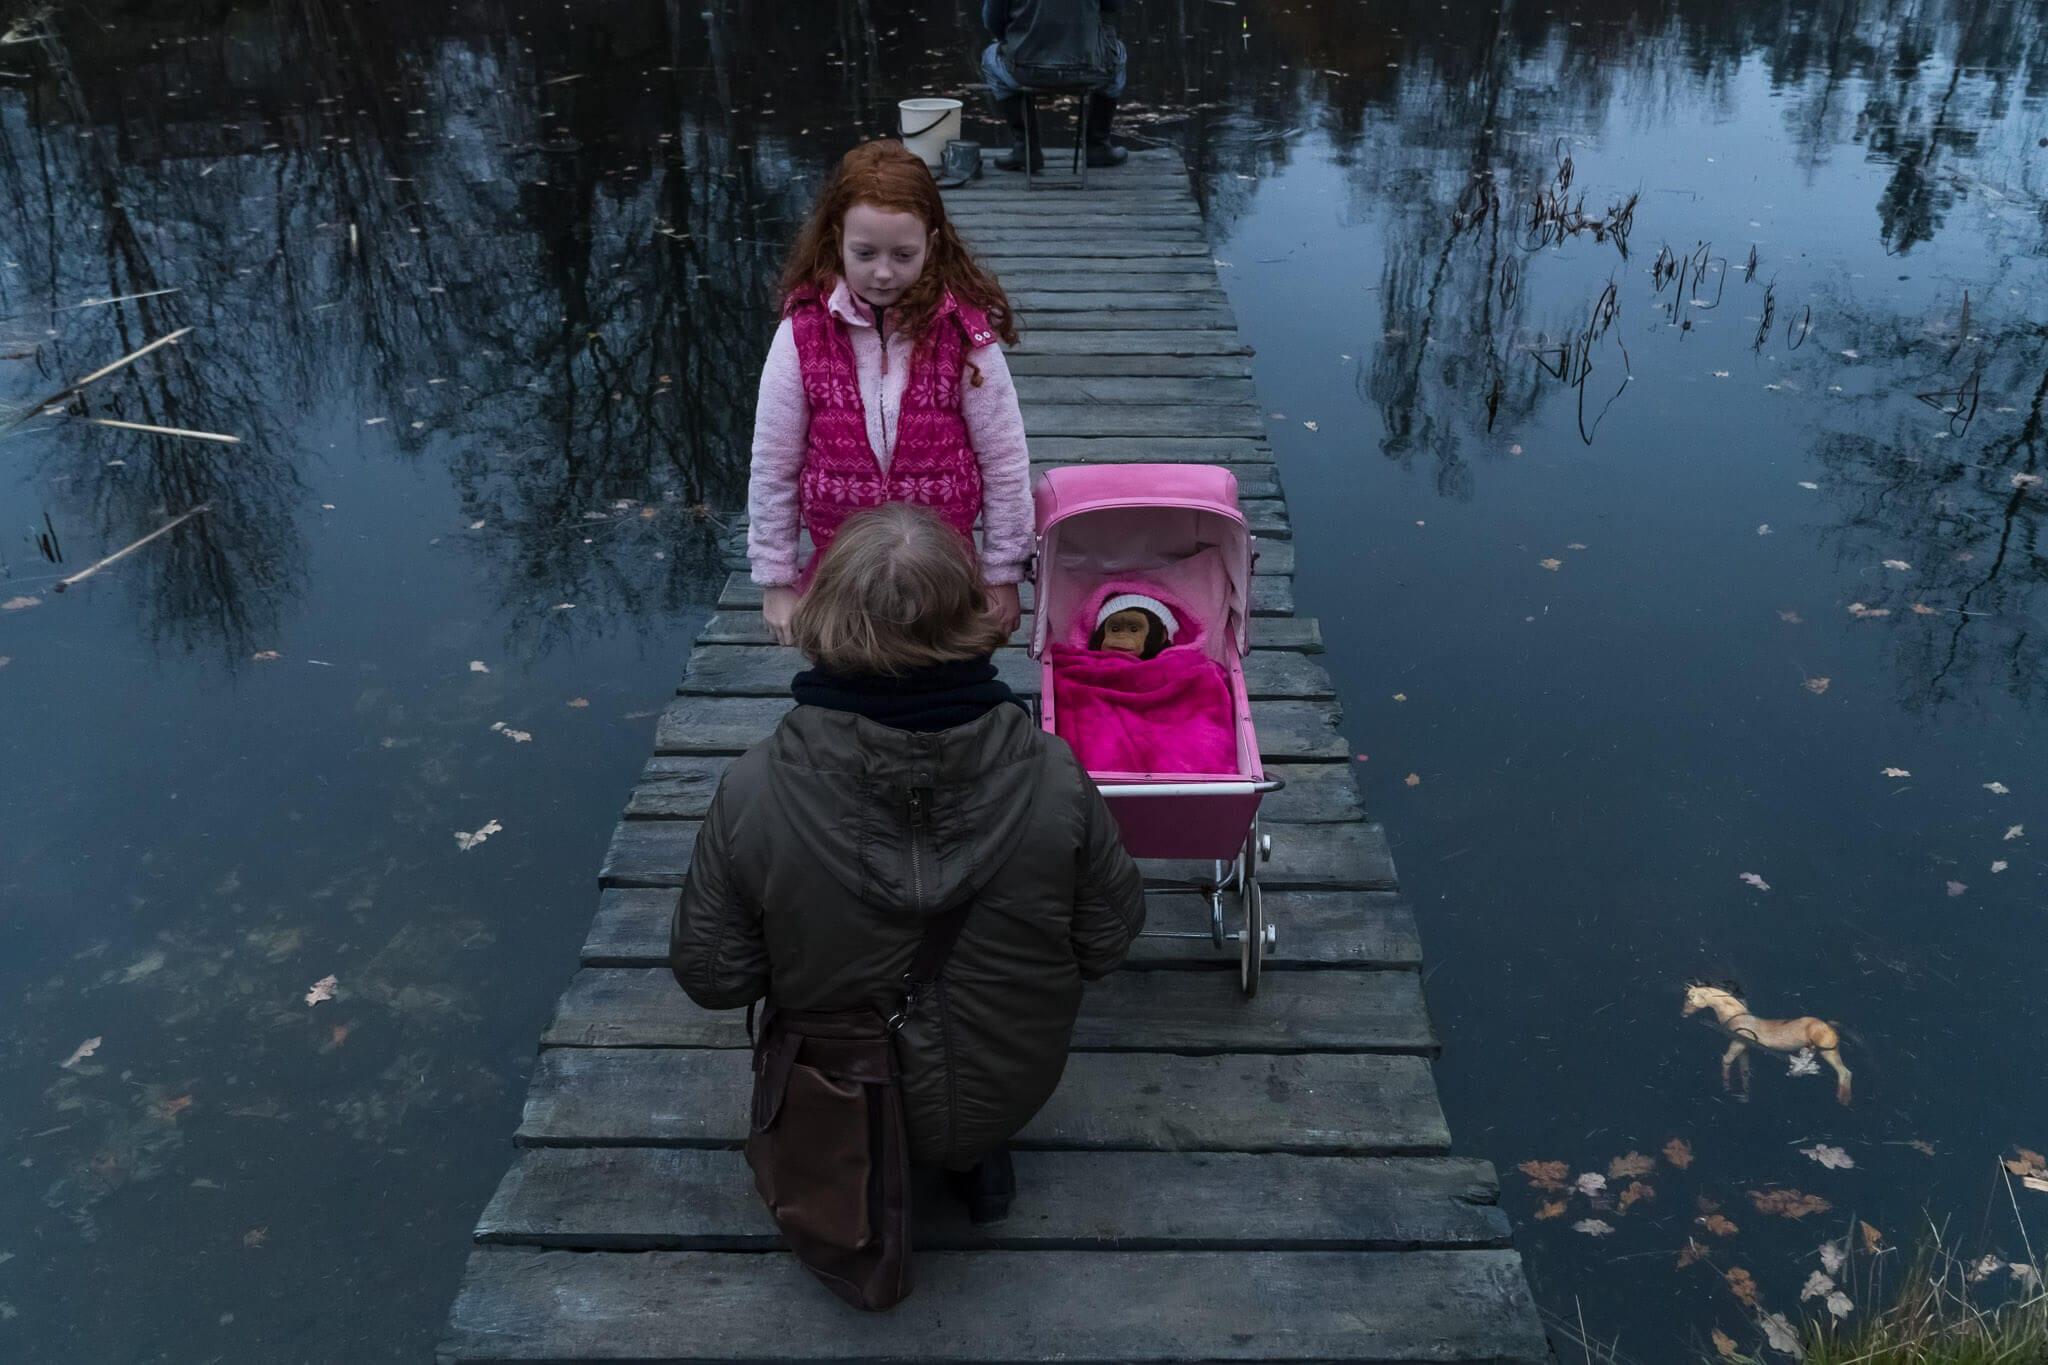 Ciemno, prawie noc © fot. Adam Golec, prod. Aurum Film, dystr. Kino Świat 2020